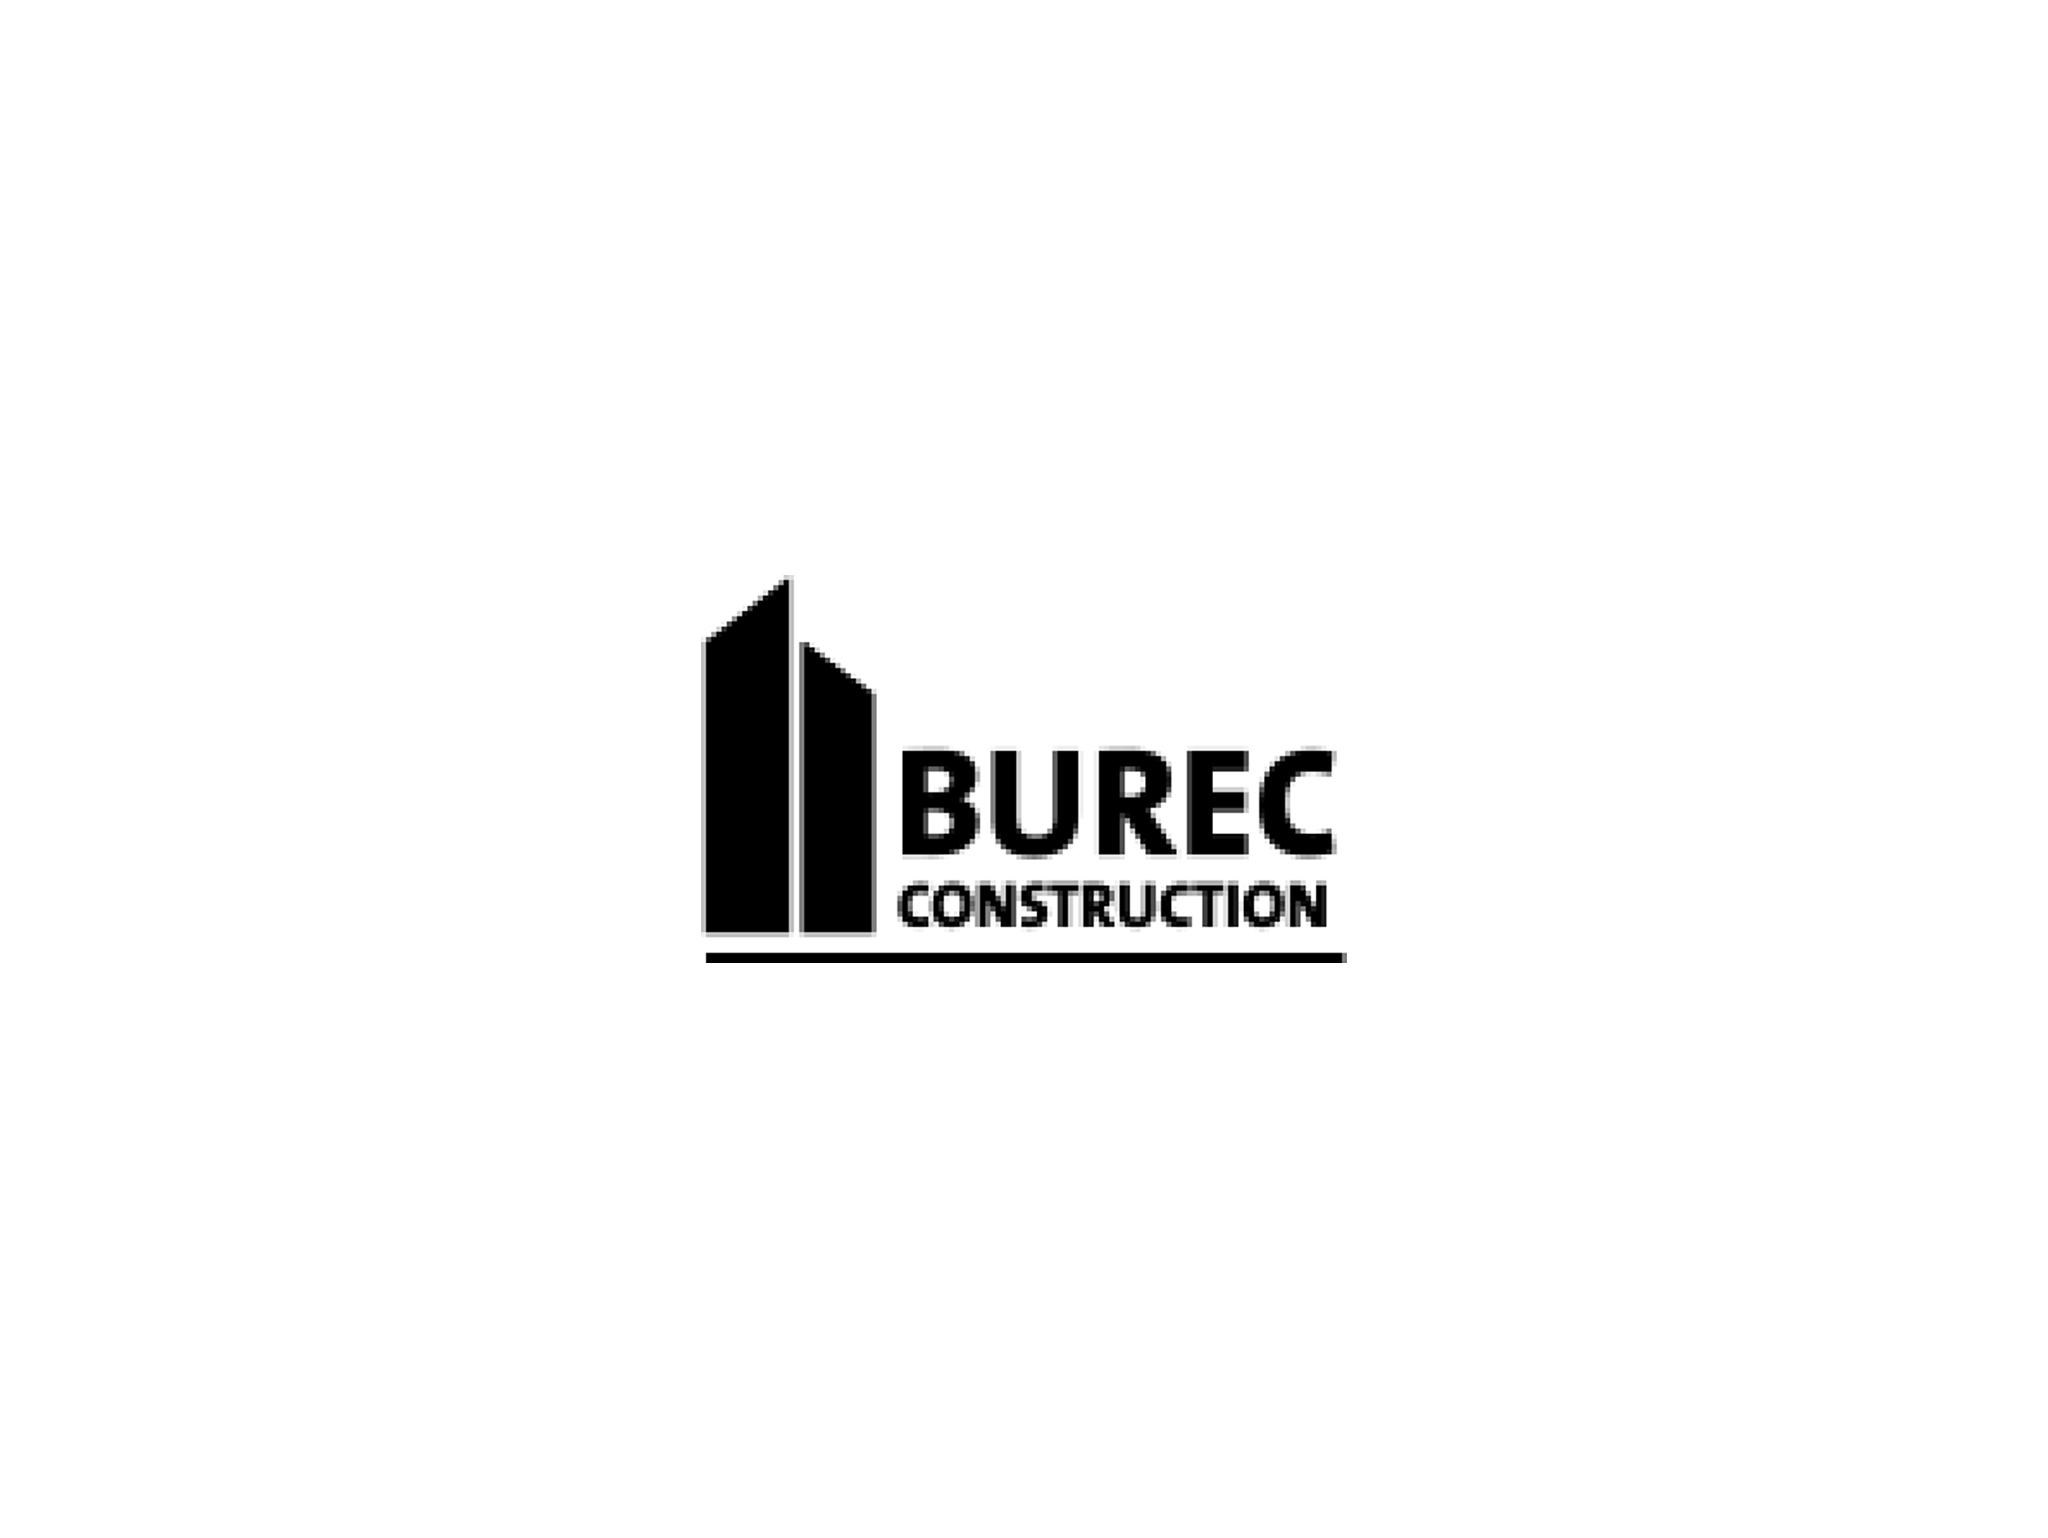 Burec Construction